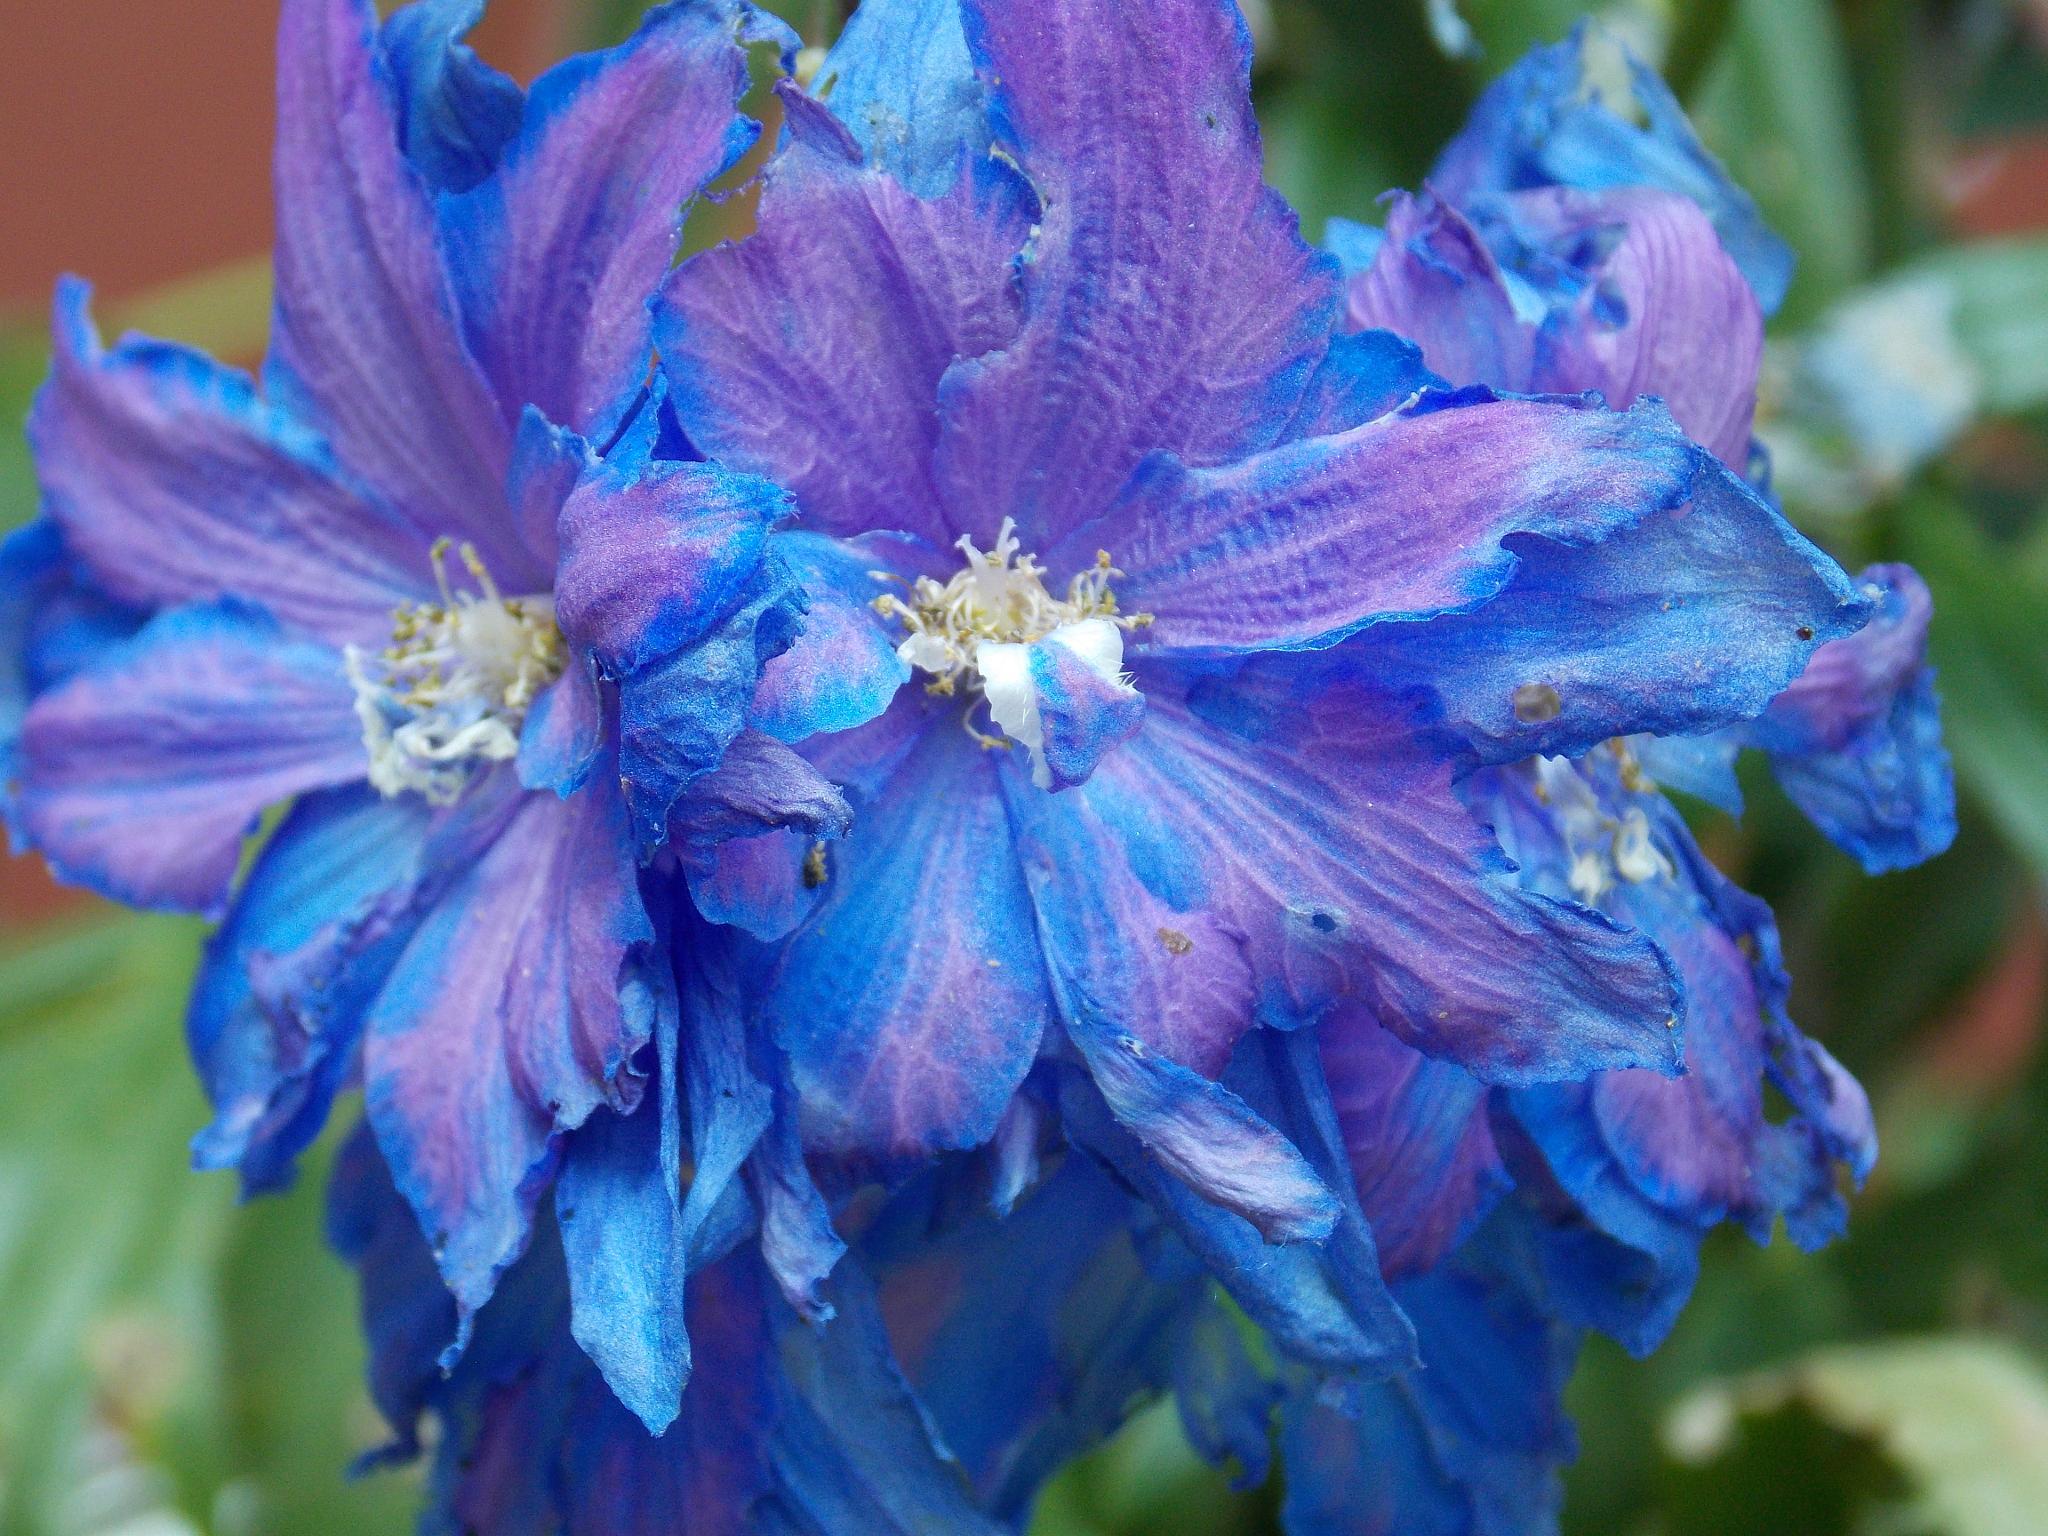 Blue/ Purple Flower Bunch by JanetSNeil